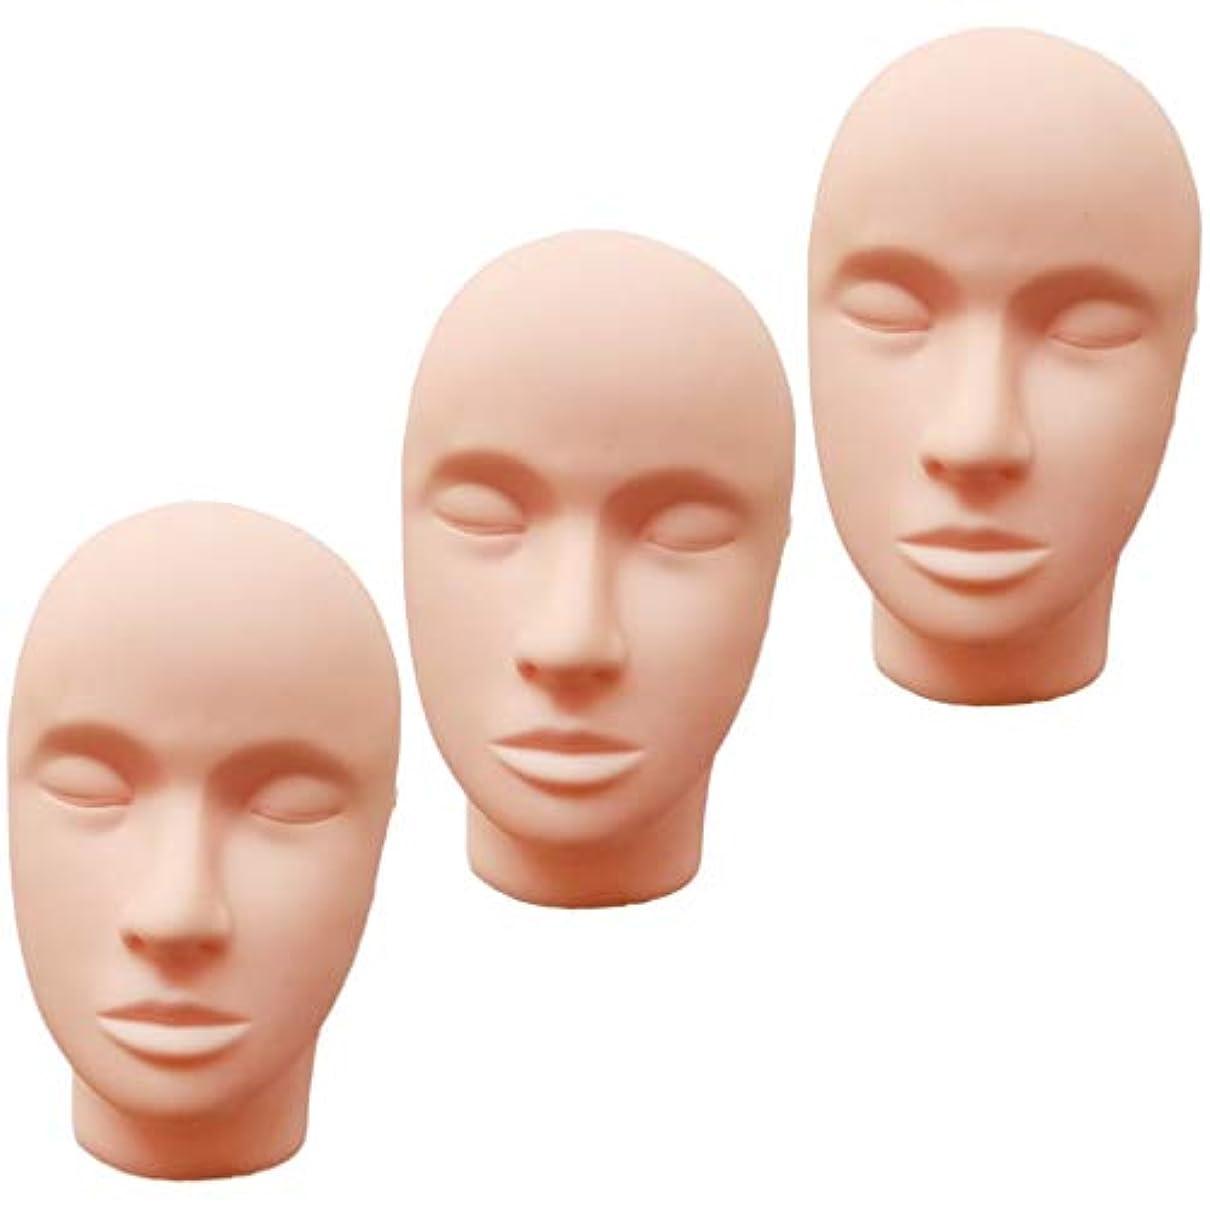 午後氏地下室ヘッドマネキン メイク練習用 モデル 化粧 フェイス メイクアップ まつげエクステ 繰り返し利用